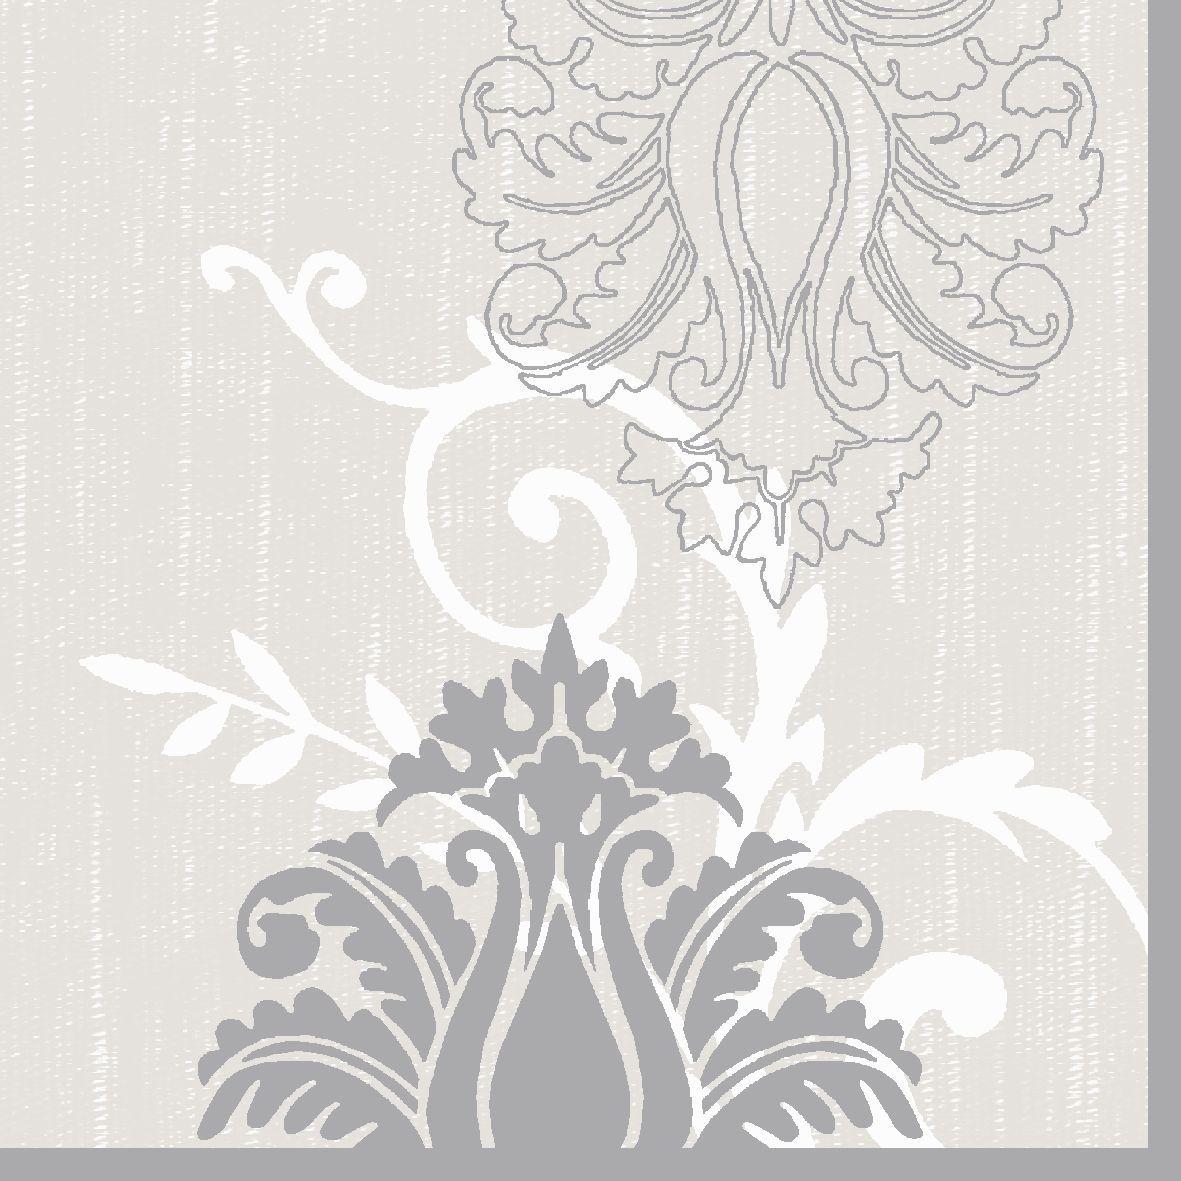 Салфетки бумажные Duni Lin Soft, цвет: серый, 40 см162745Трехслойные бумажные салфетки изготовлены из экологически чистого, высококачественного сырья - 100% целлюлозы. Салфетки выполнены в оригинальном и современном стиле, прекрасно сочетаются с любым интерьером и всегда будут прекрасным и незаменимым украшением стола.